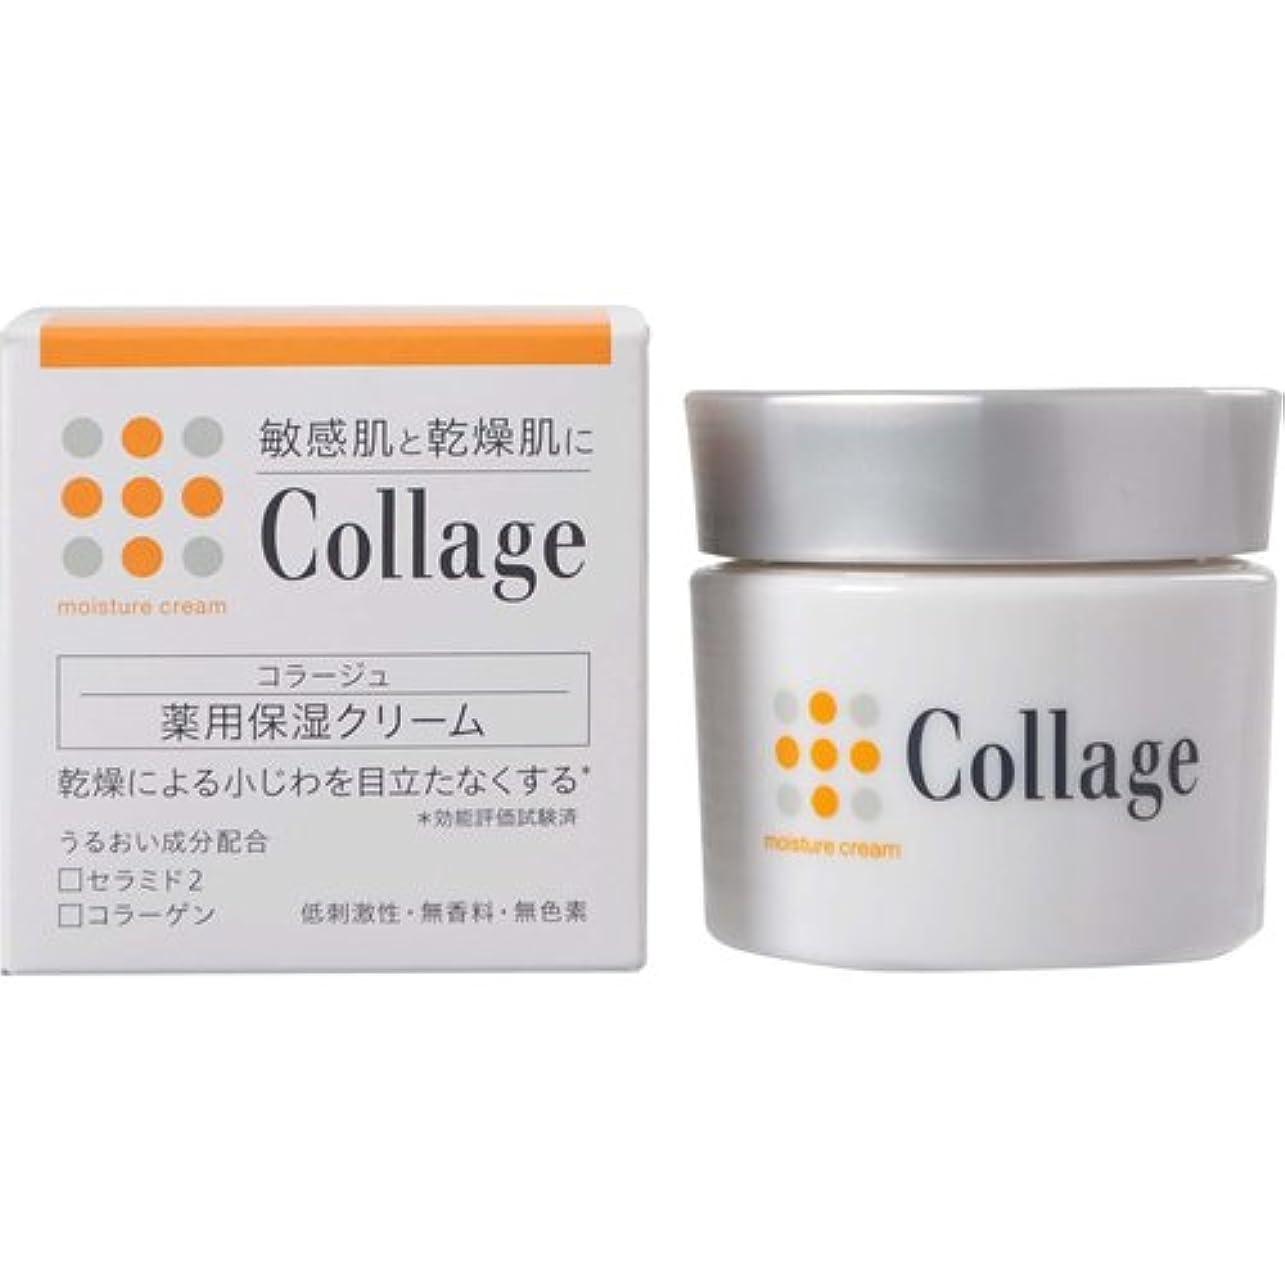 コーヒー切り下げ聞きますコラージュ 薬用保湿クリーム 30g 【医薬部外品】